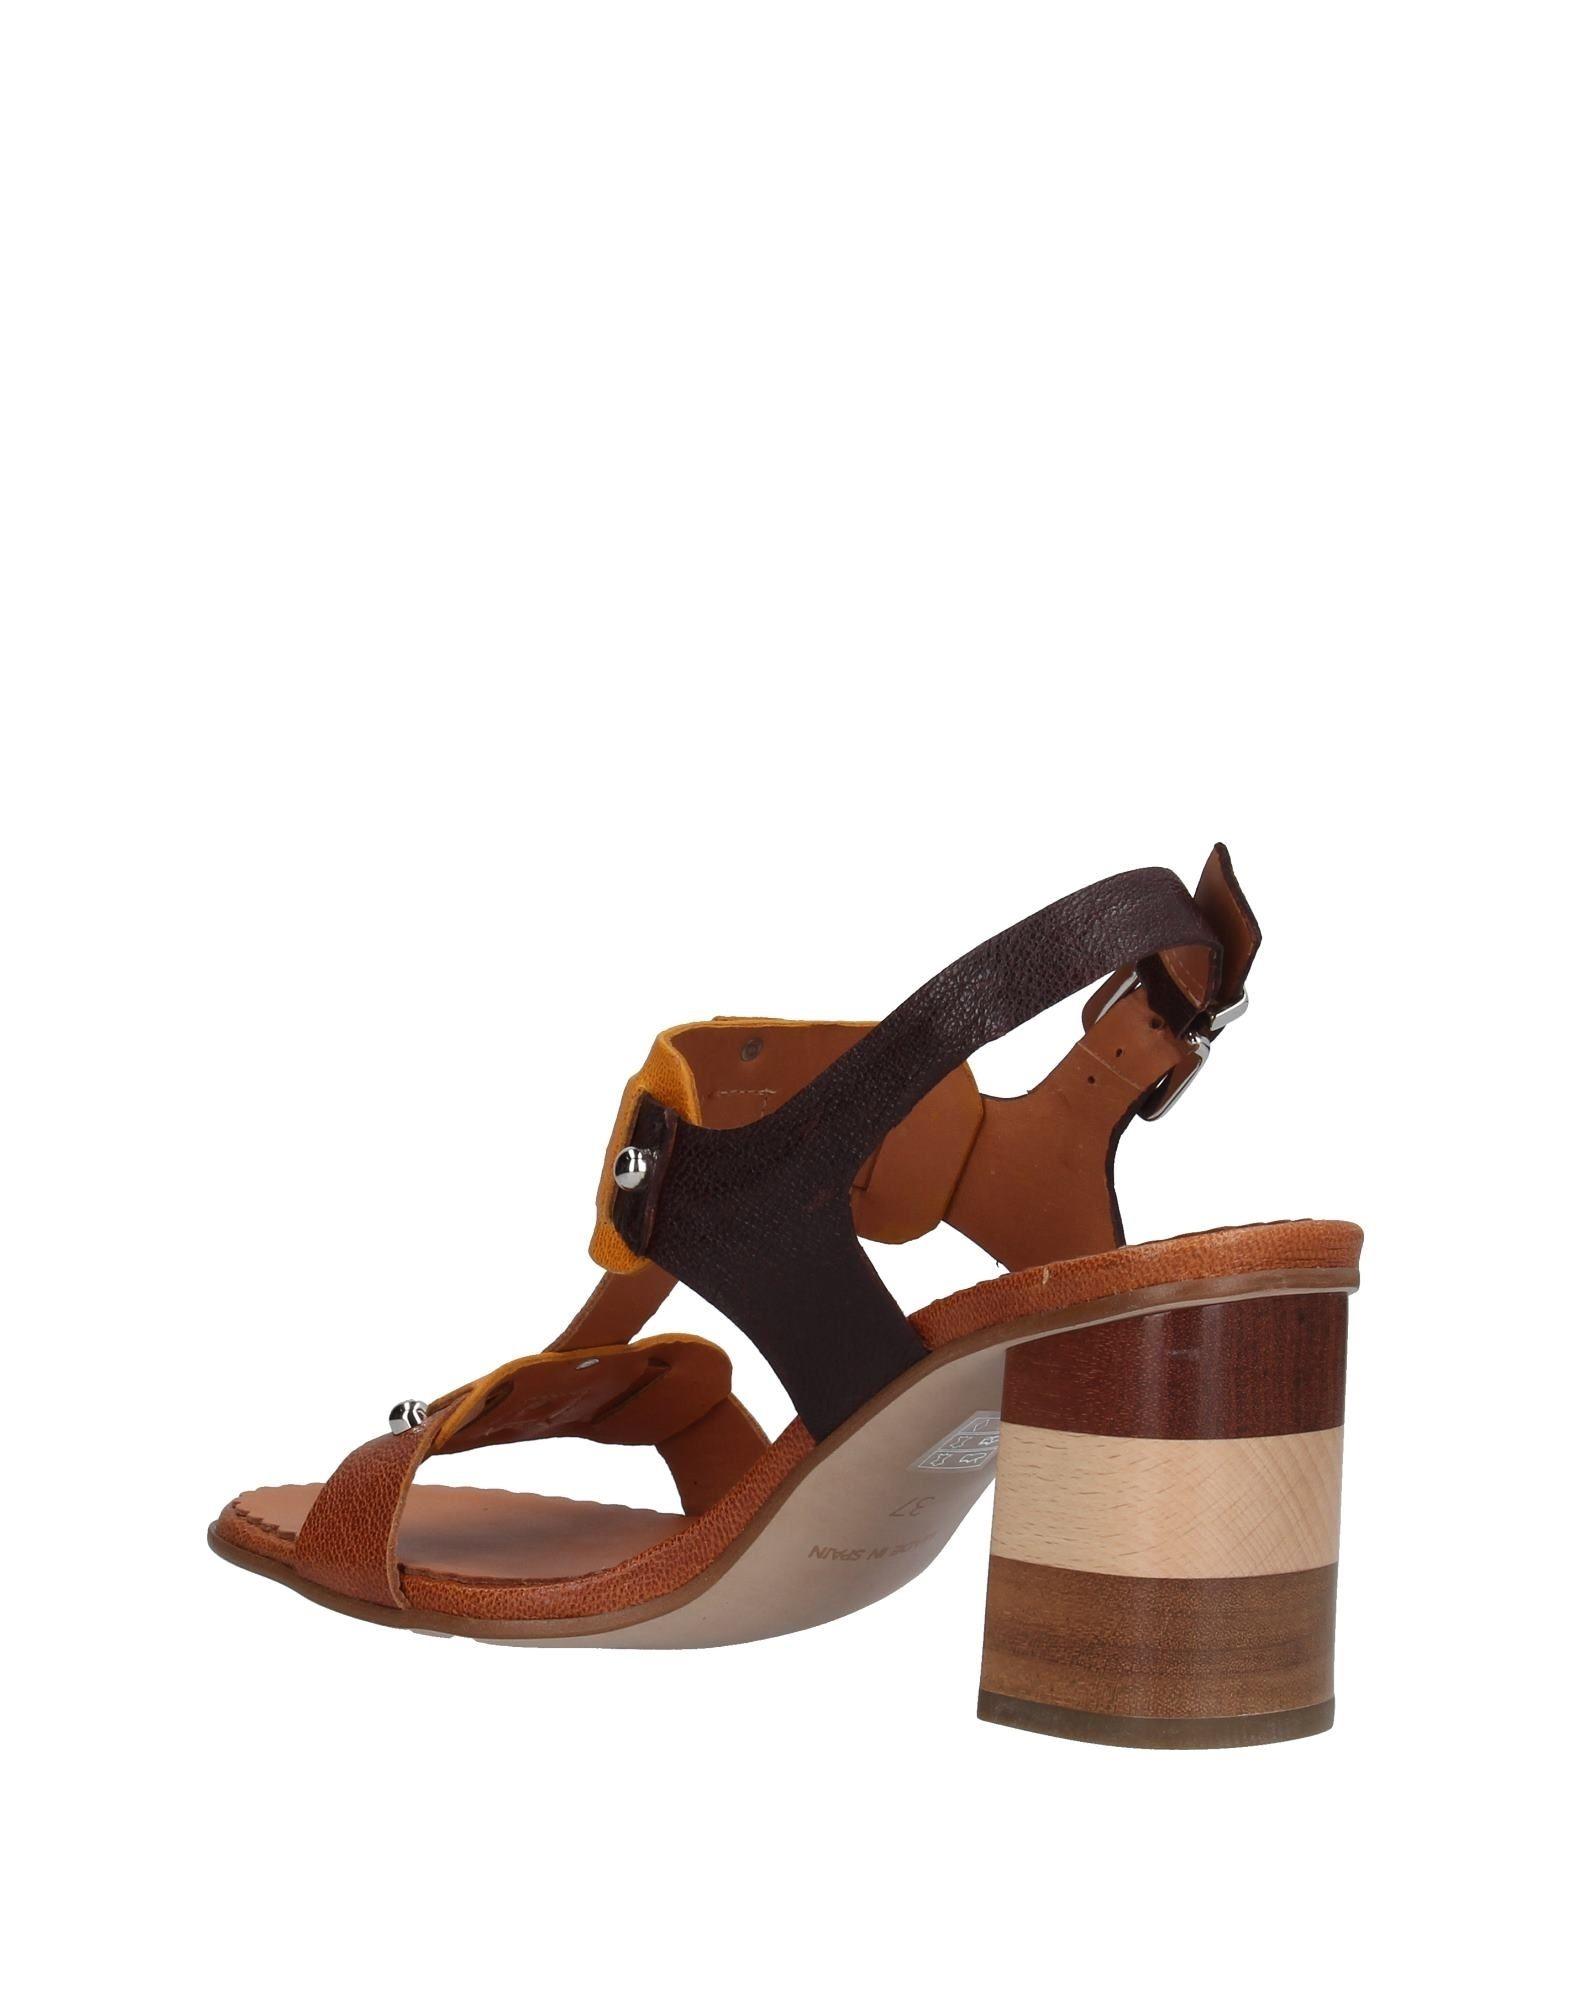 Sandales Zinda Femme - Sandales Zinda sur